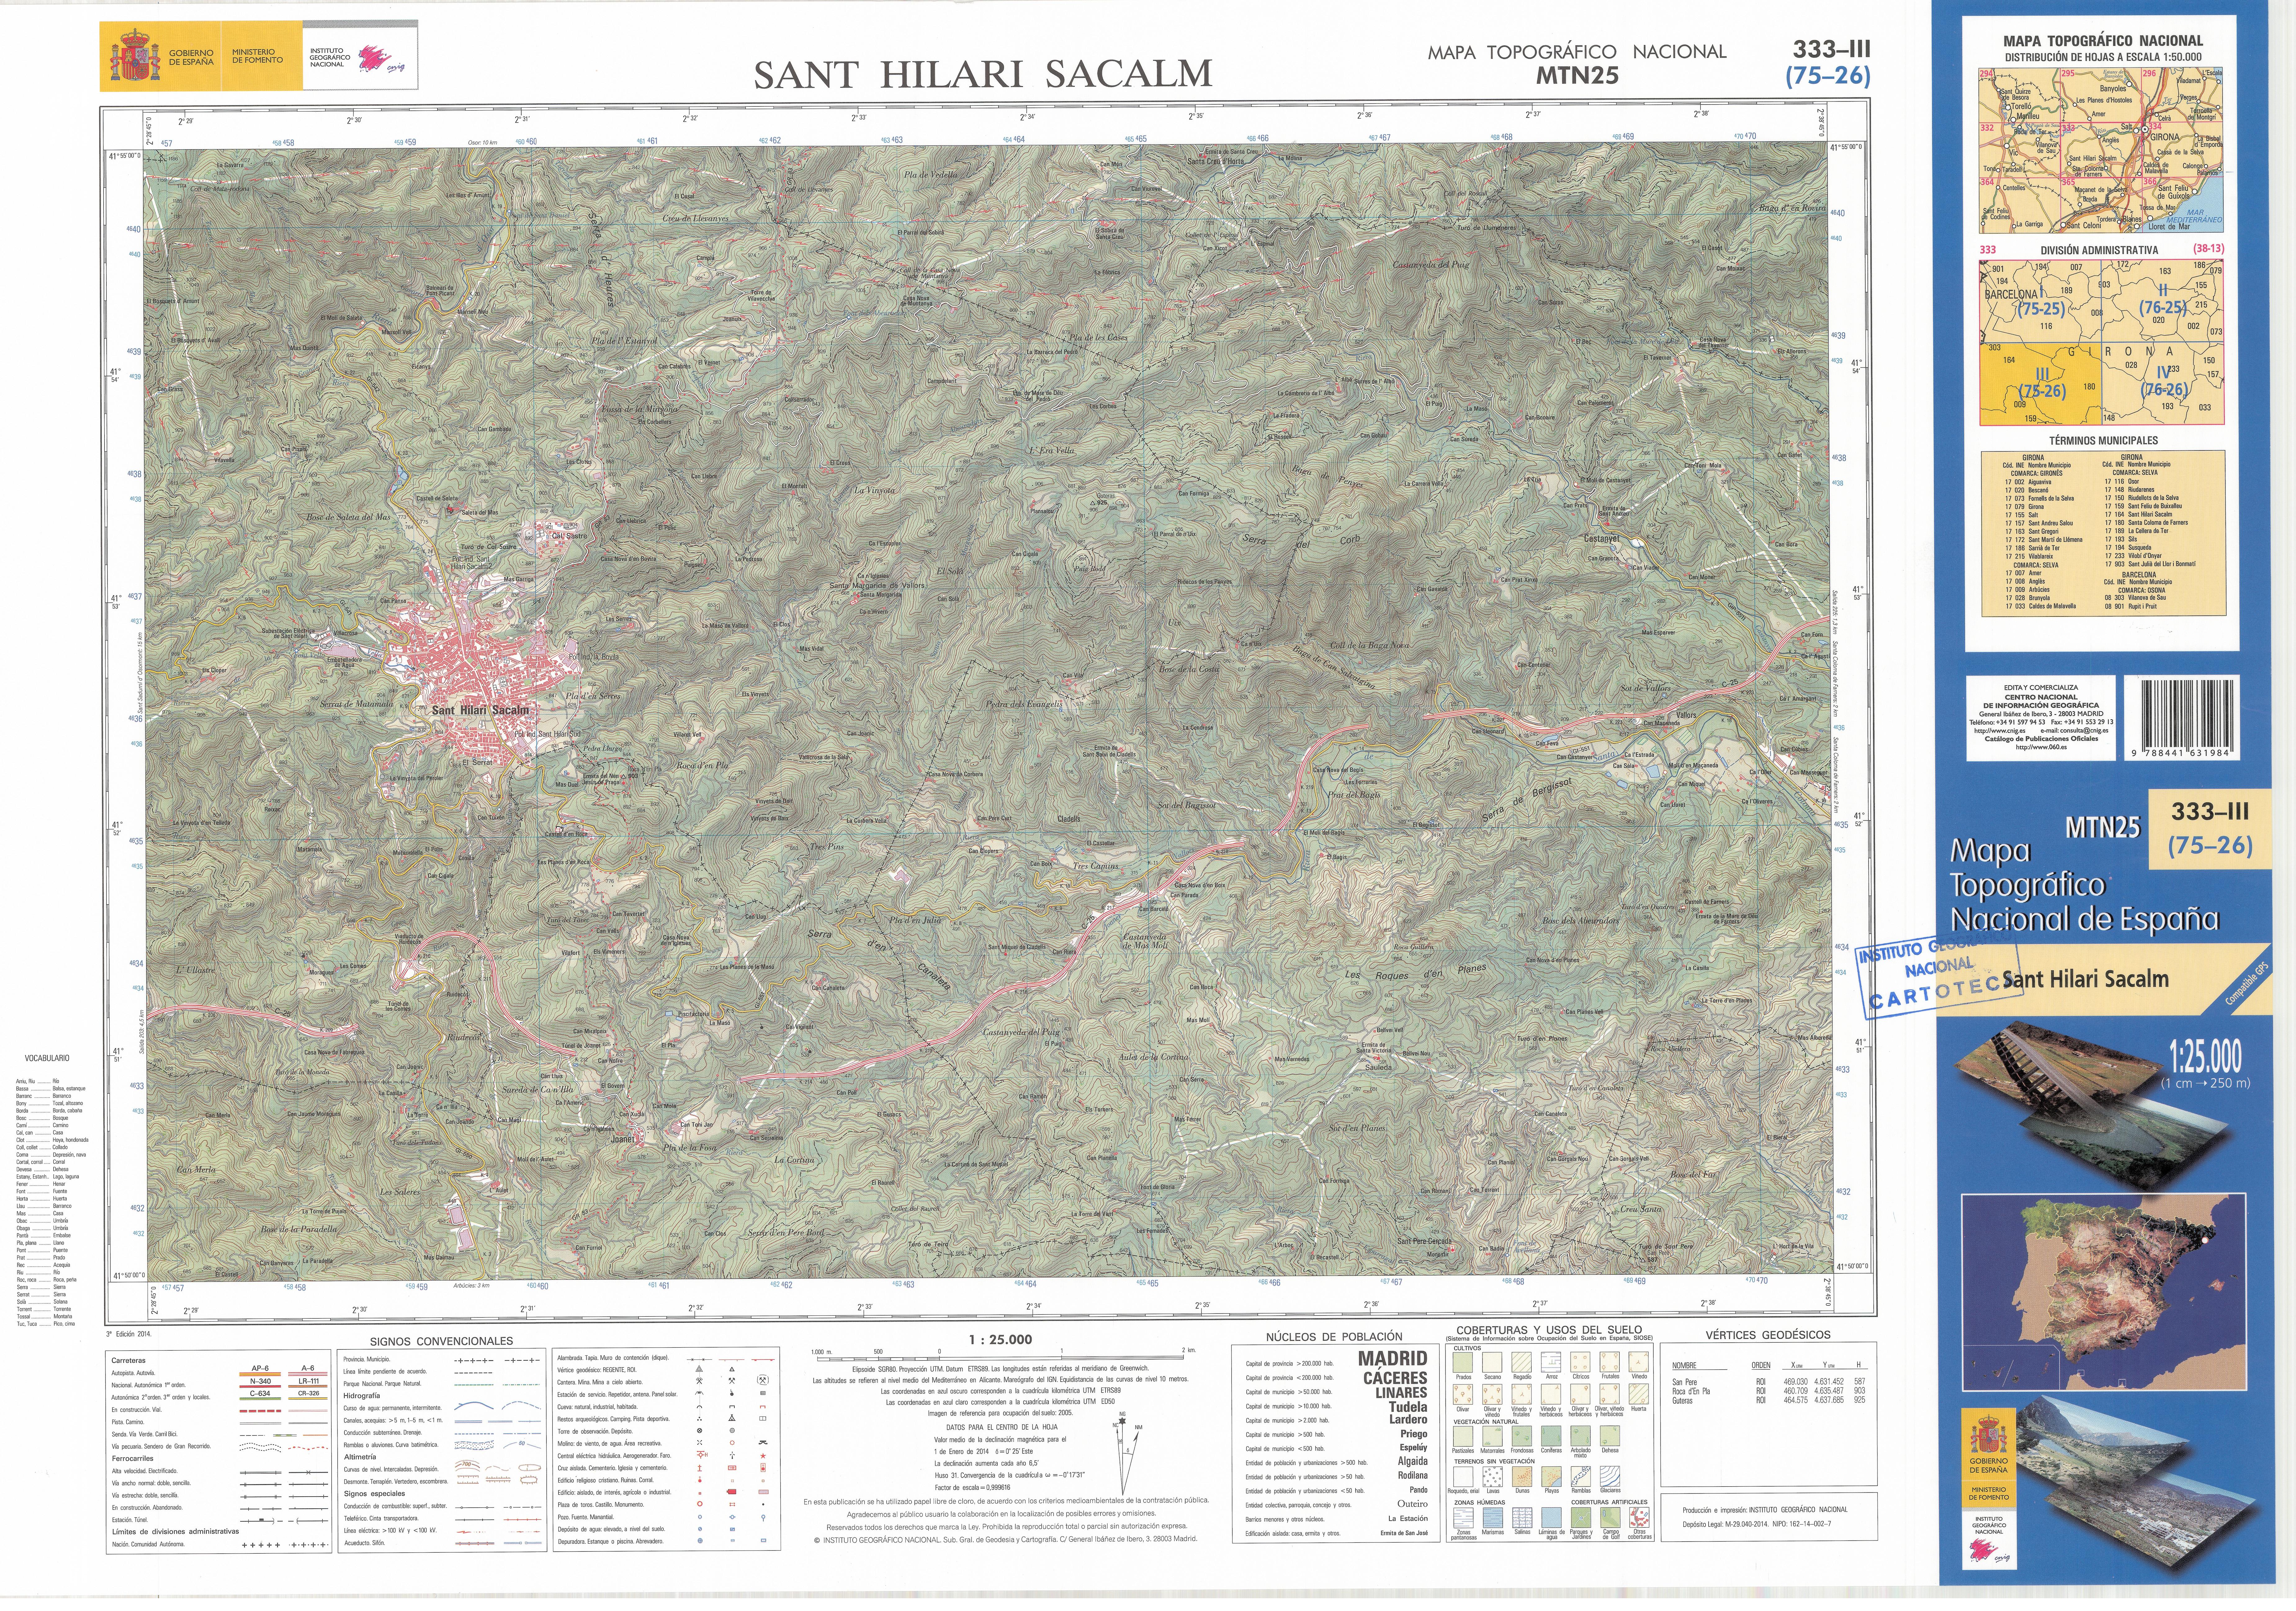 Sant Hilari Sacalm Mapa.File Mtn25 0333c3 2014 Sant Hilari Sacalm Jpg Wikimedia